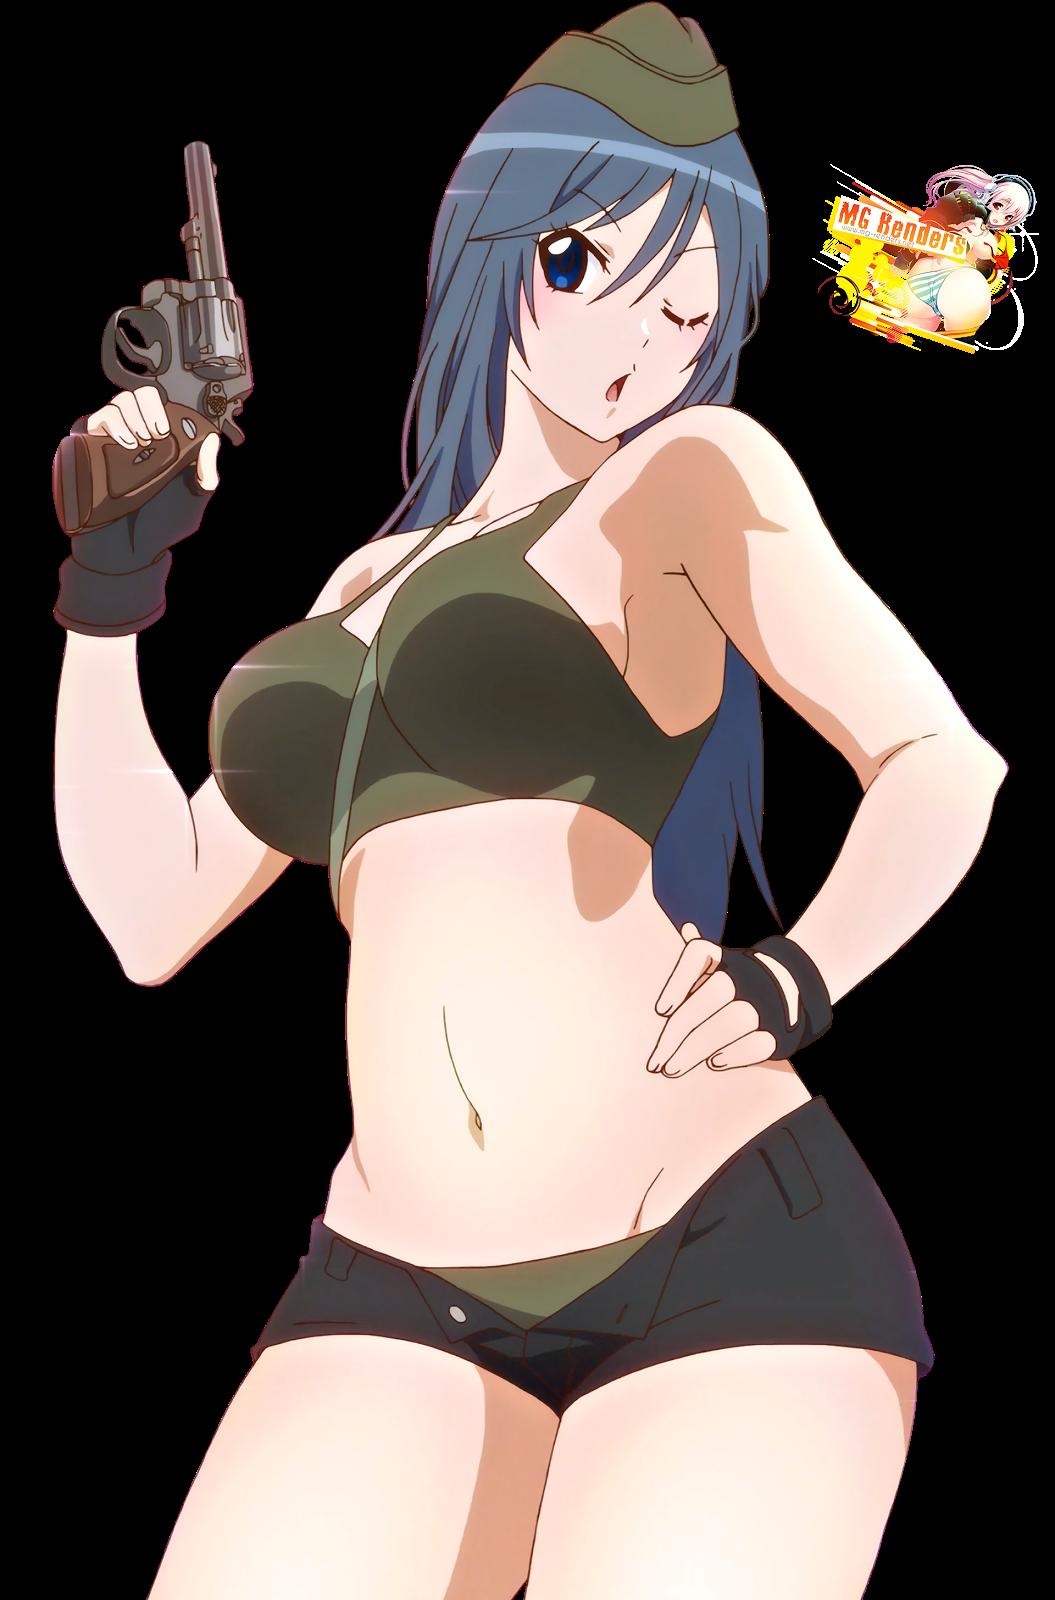 Tags: Anime, Render,  Kyoudou Maya,  Sabagebu!, PNG, Image, Picture